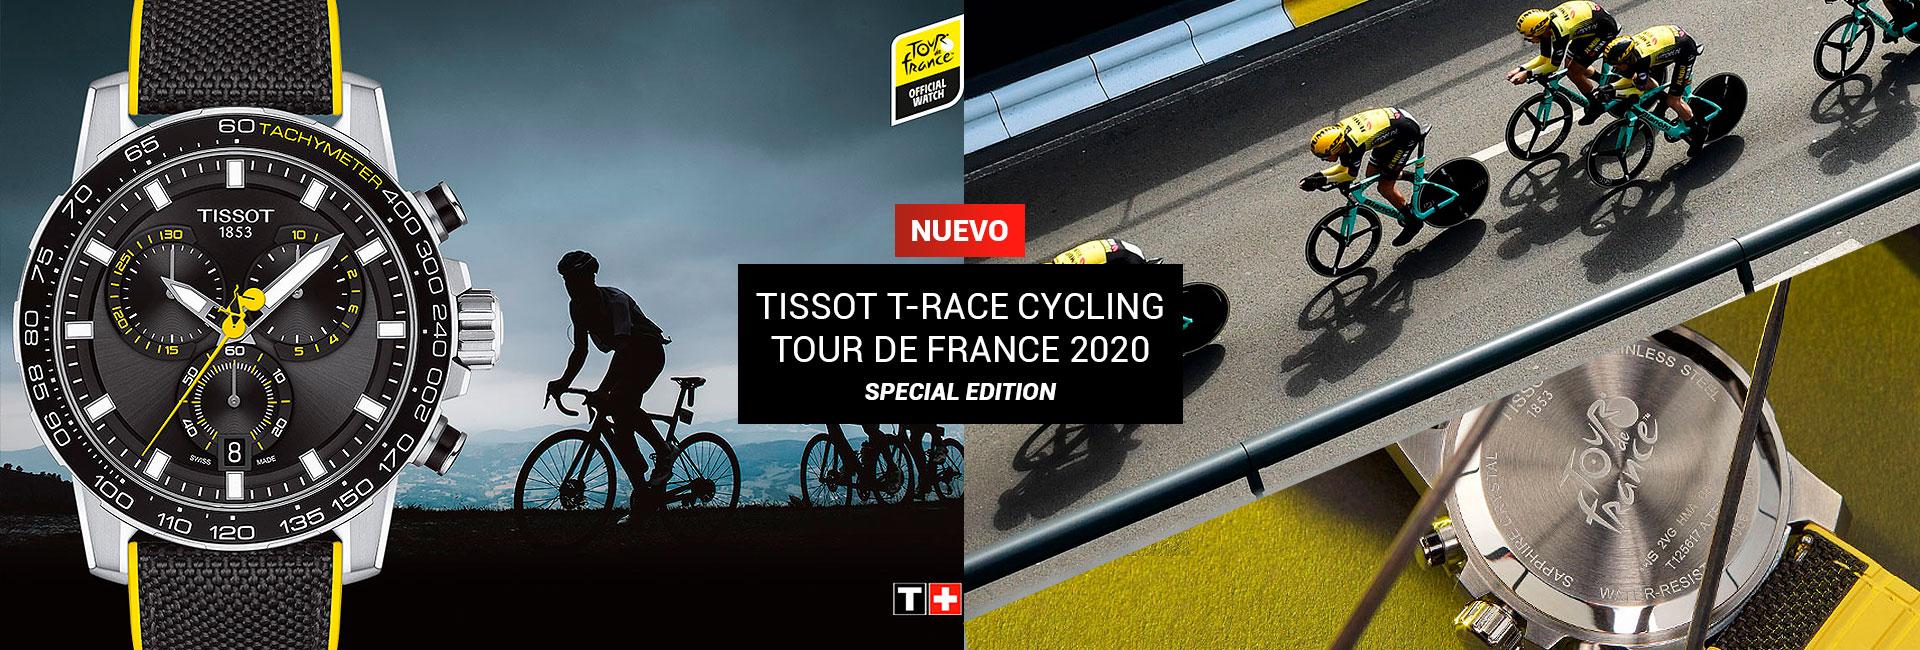 Tissot Tour de France